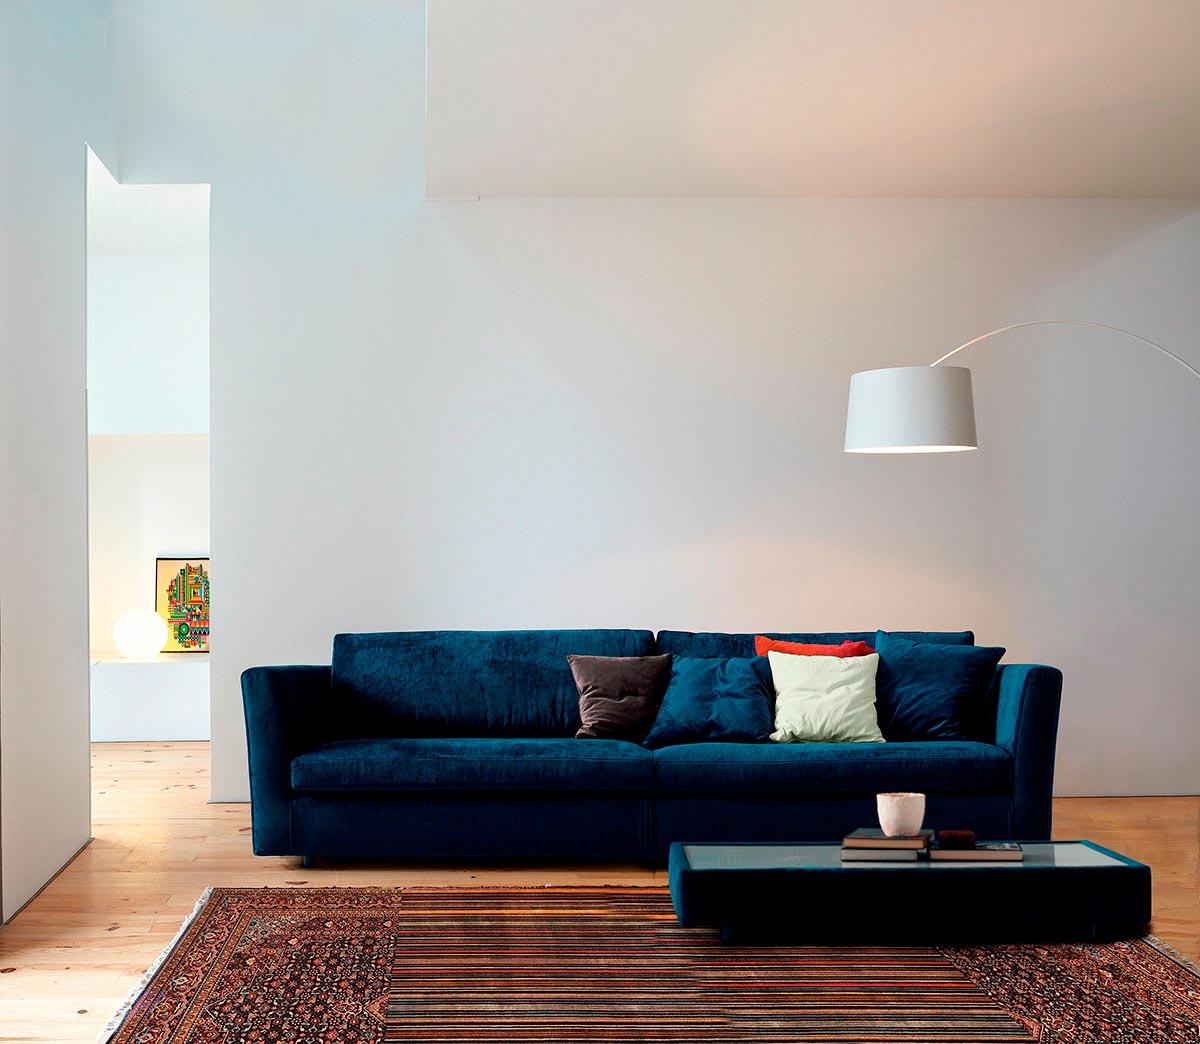 Air O Sofa: Sancal